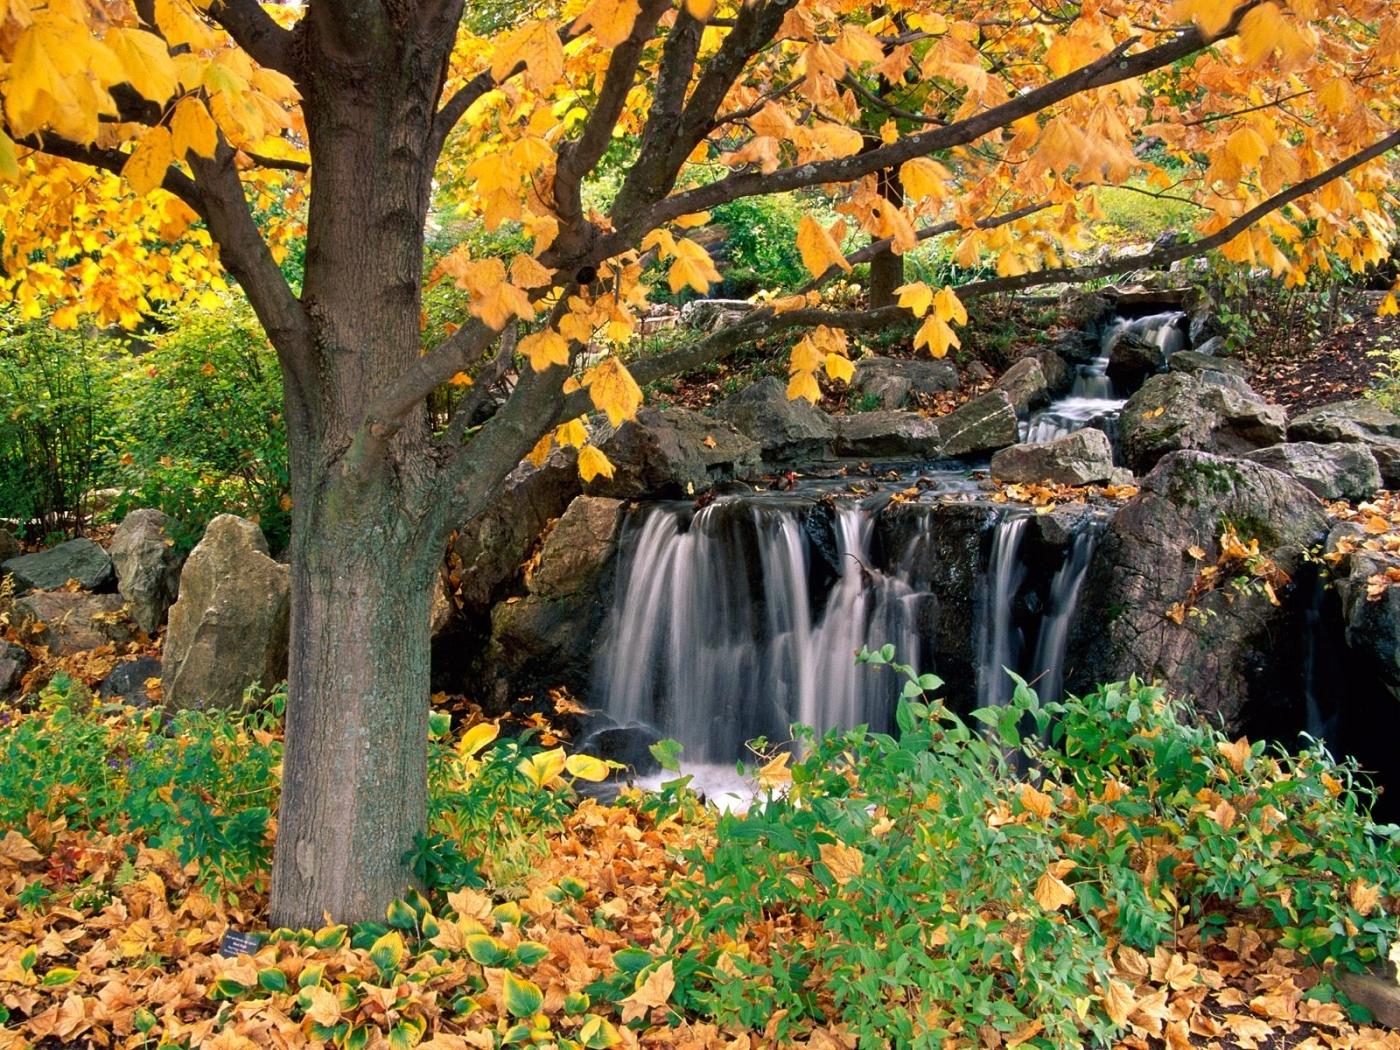 31882 скачать обои Пейзаж, Деревья, Осень, Водопады - заставки и картинки бесплатно